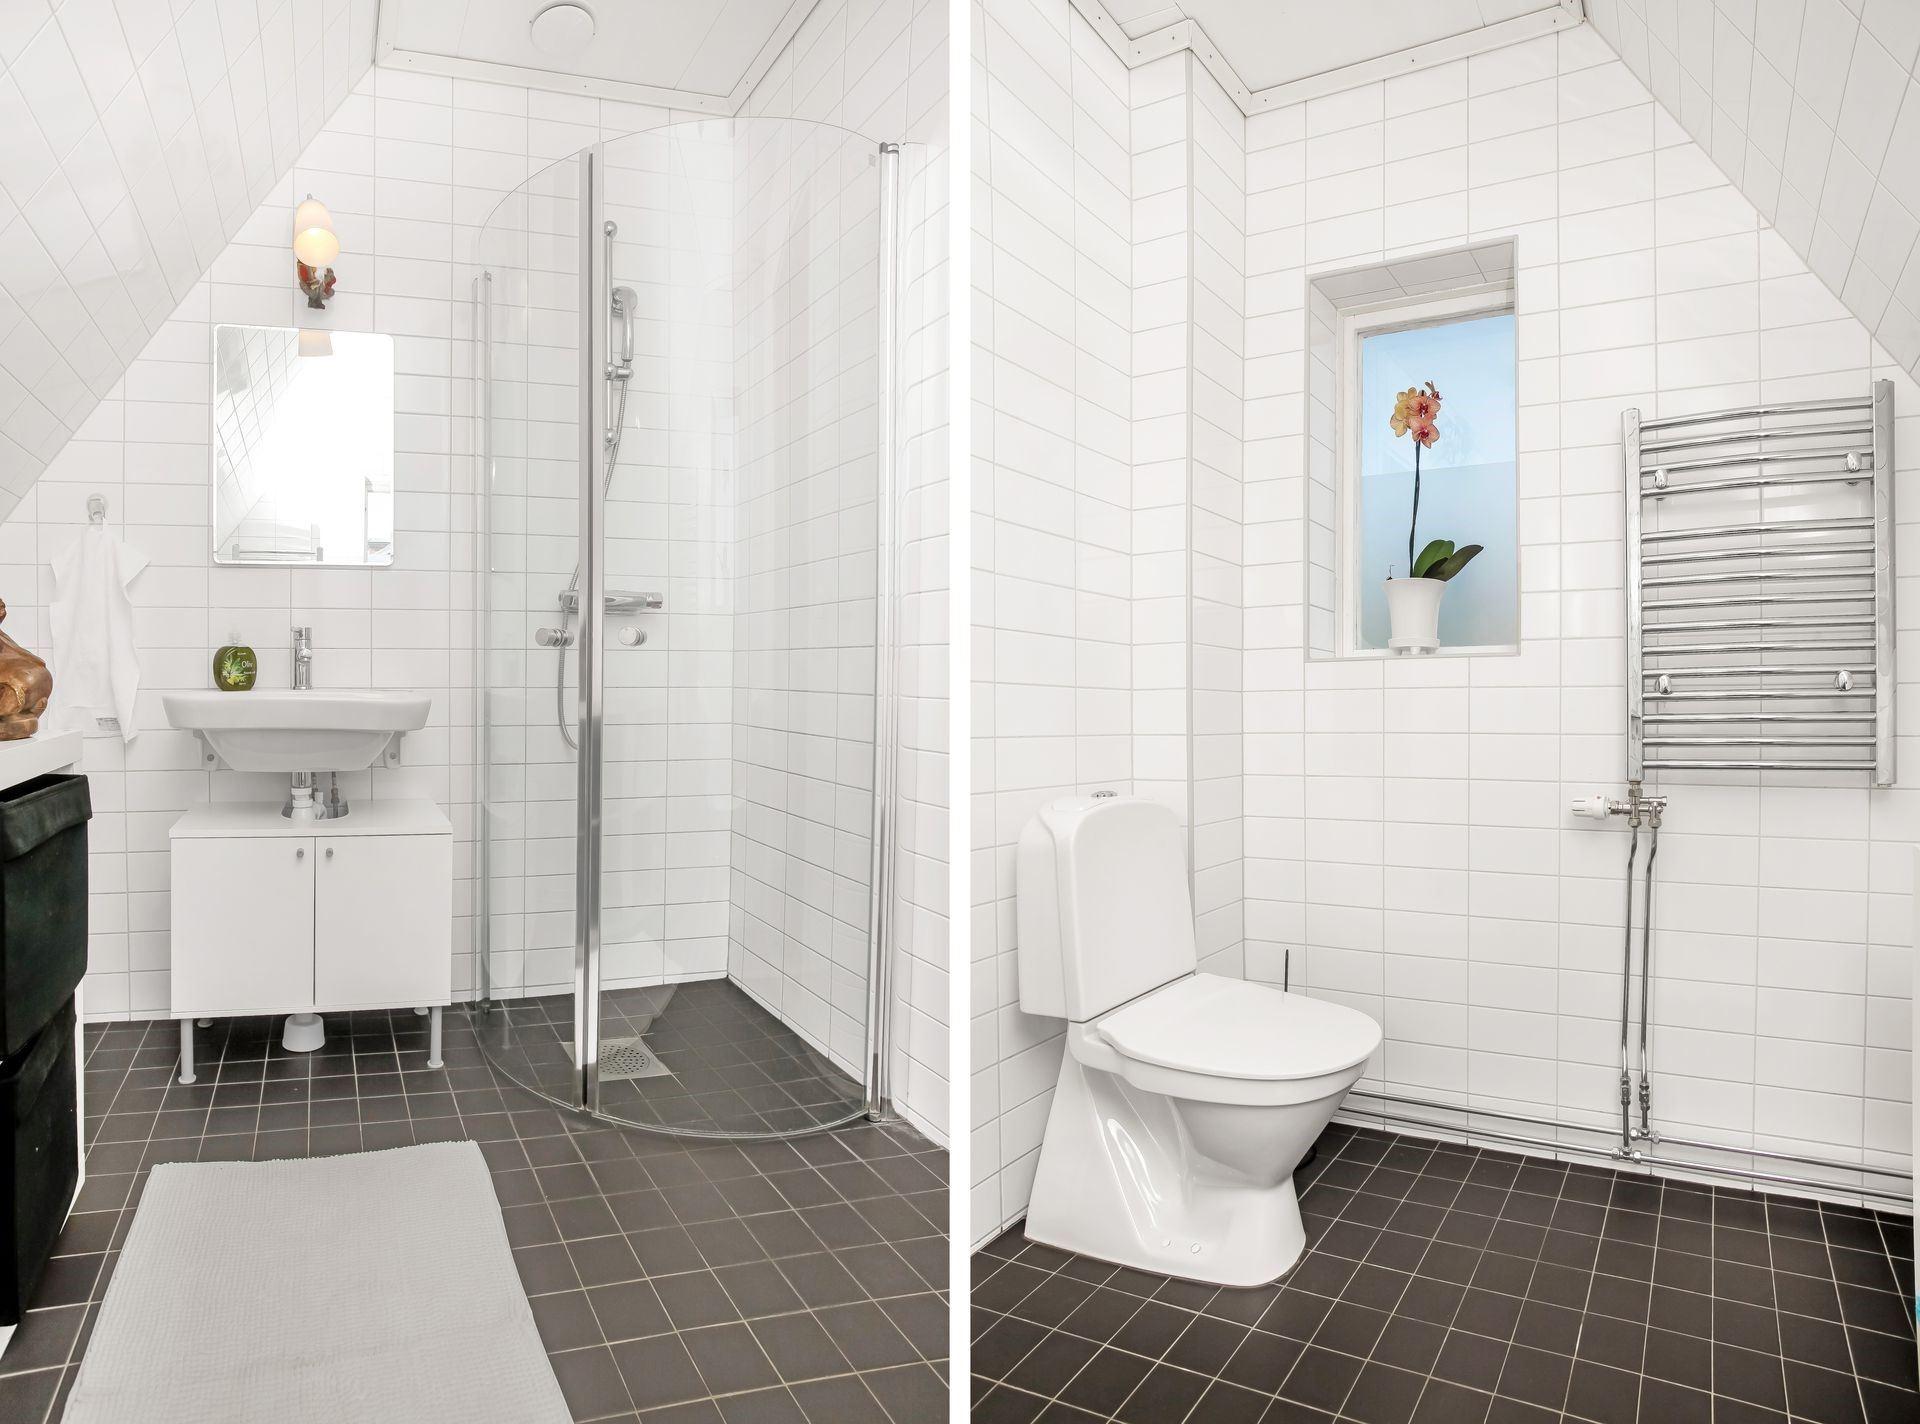 Grdshus i centrala Valbo - Cabins for Rent in Valbo - Airbnb